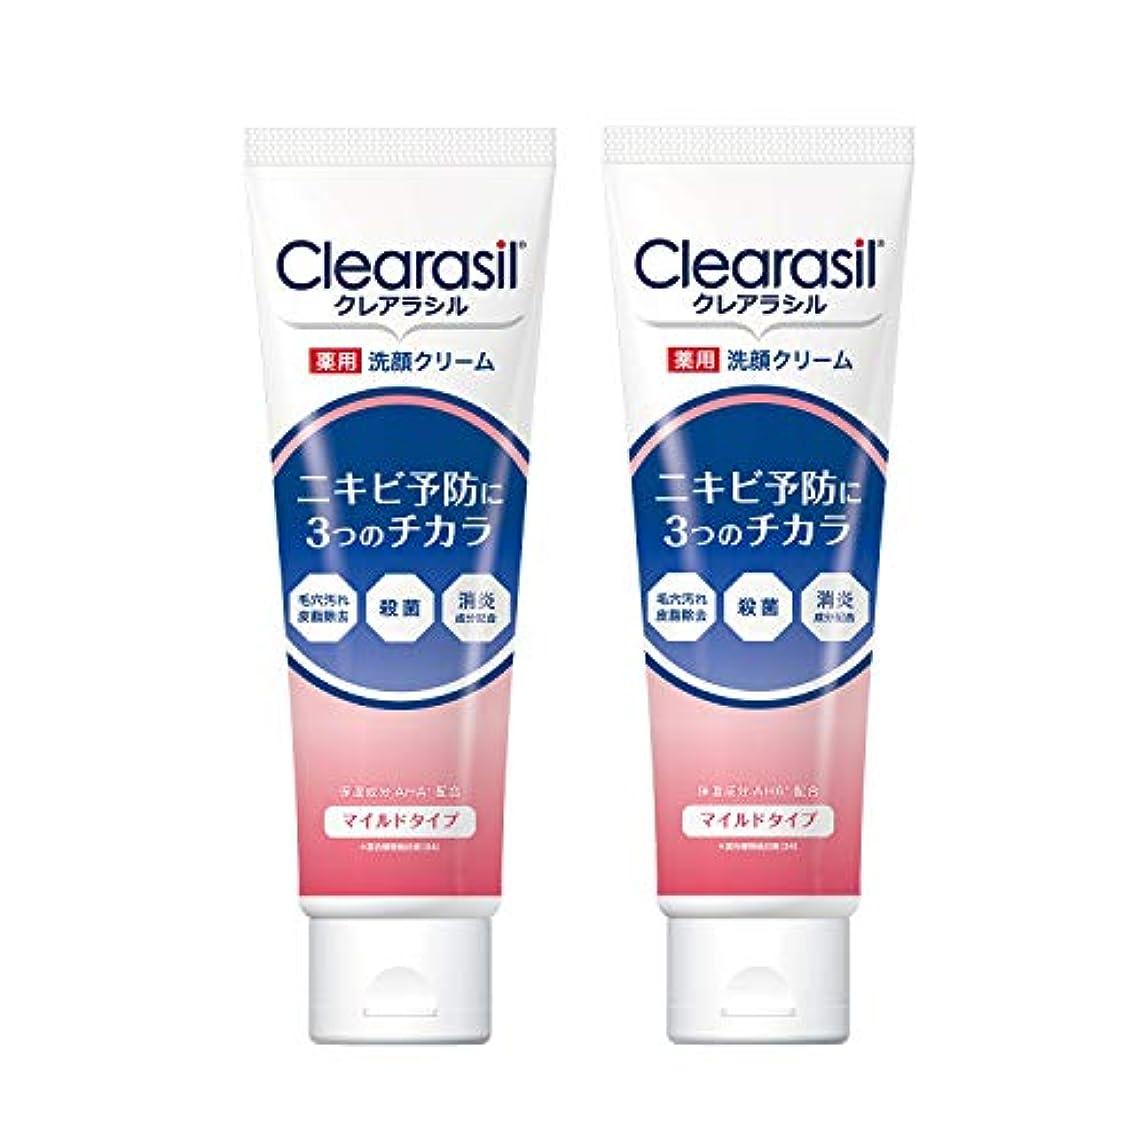 始まり便利高齢者【医薬部外品】クレアラシル薬用 洗顔クリーム マイルドタイプ 120g×2個 120ml×2